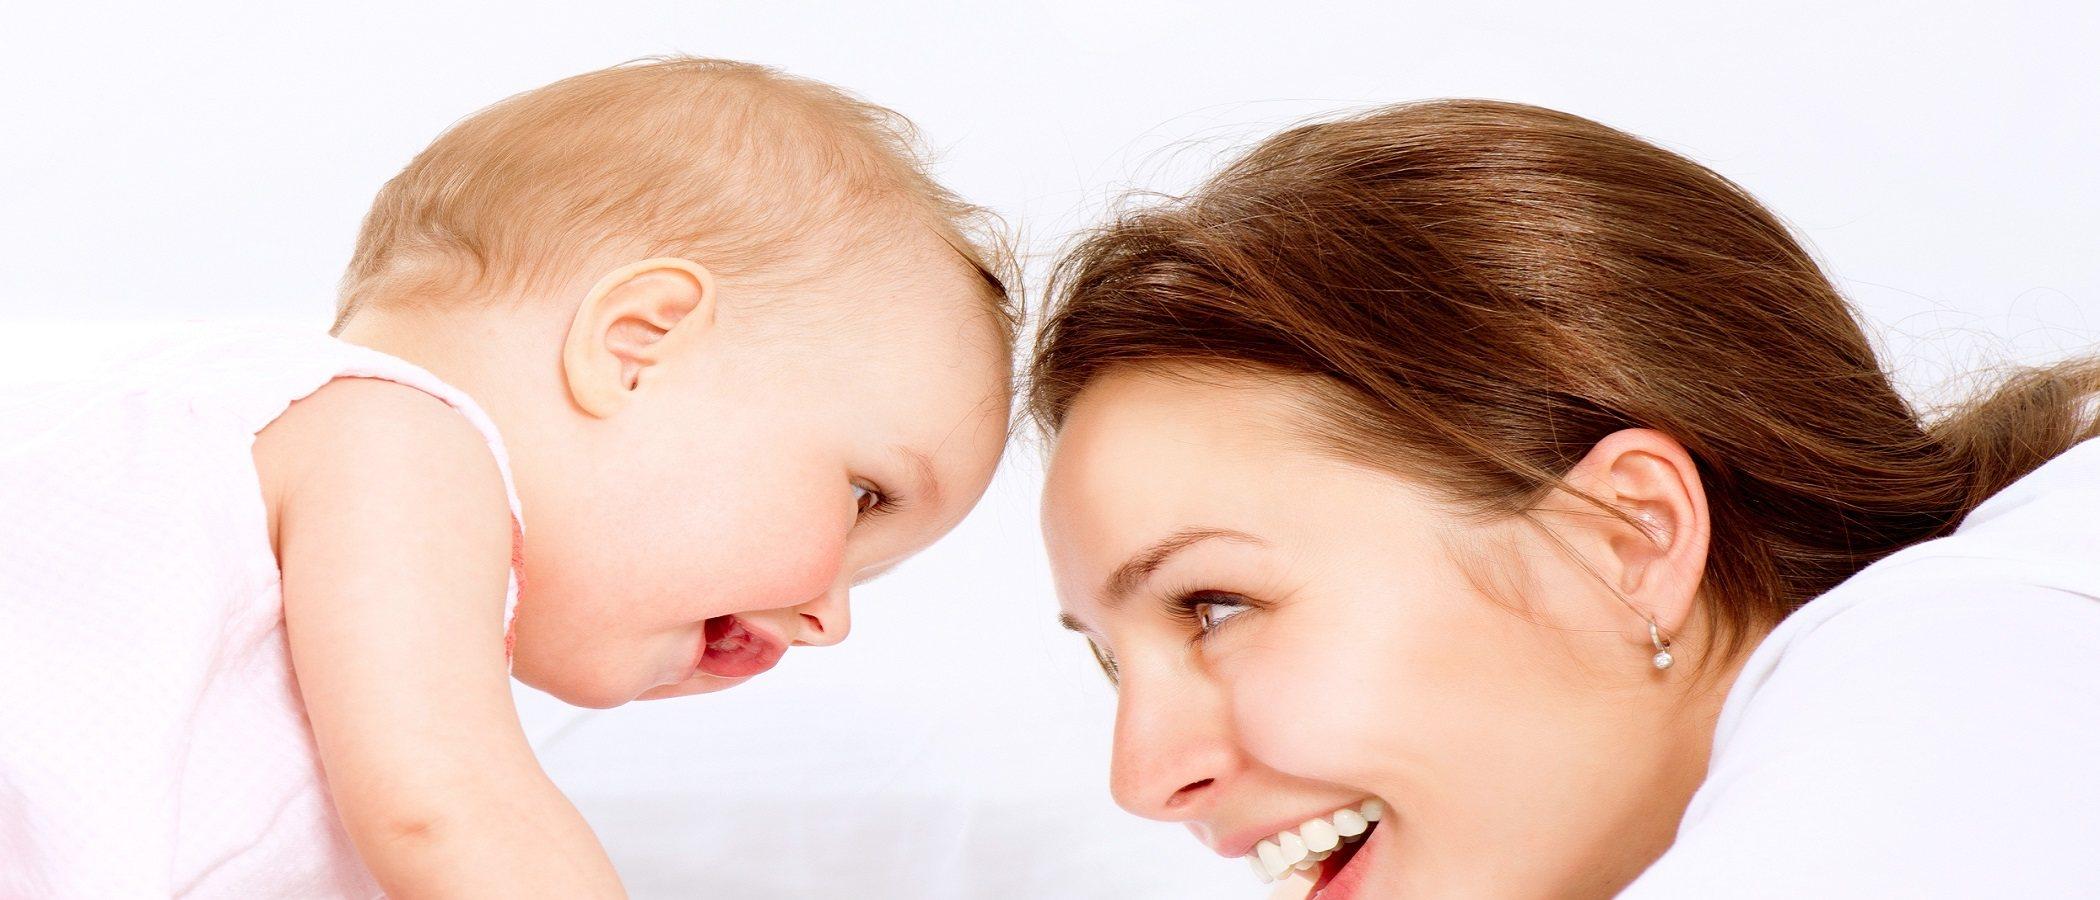 Ventajas y desventajas para los niños en una familia monoparental